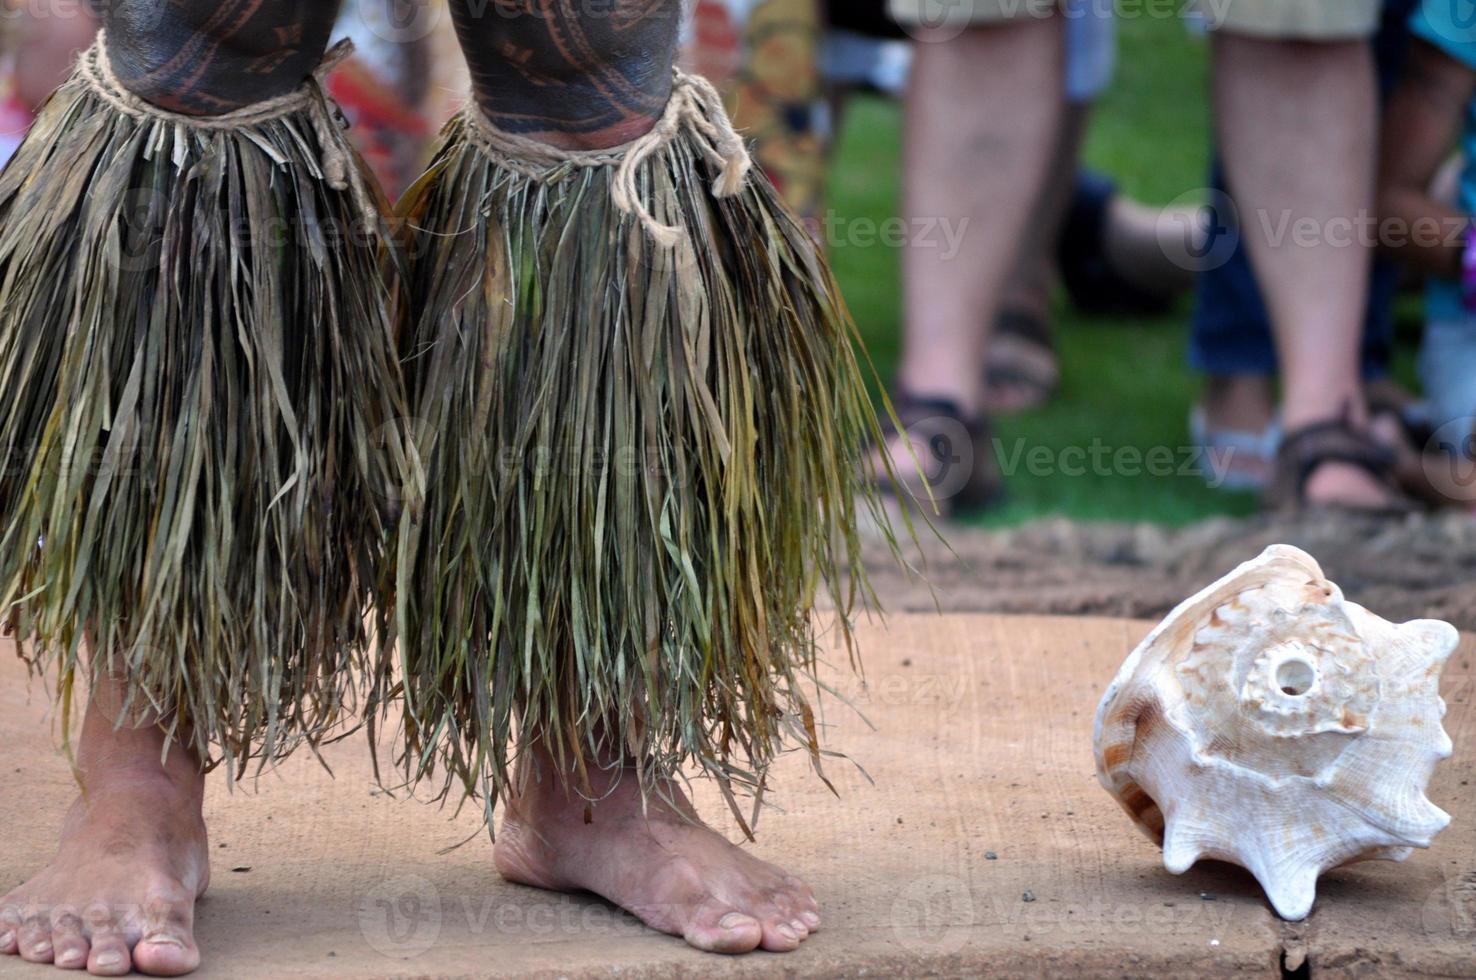 caneleiras cerimoniais havaianas no luau foto